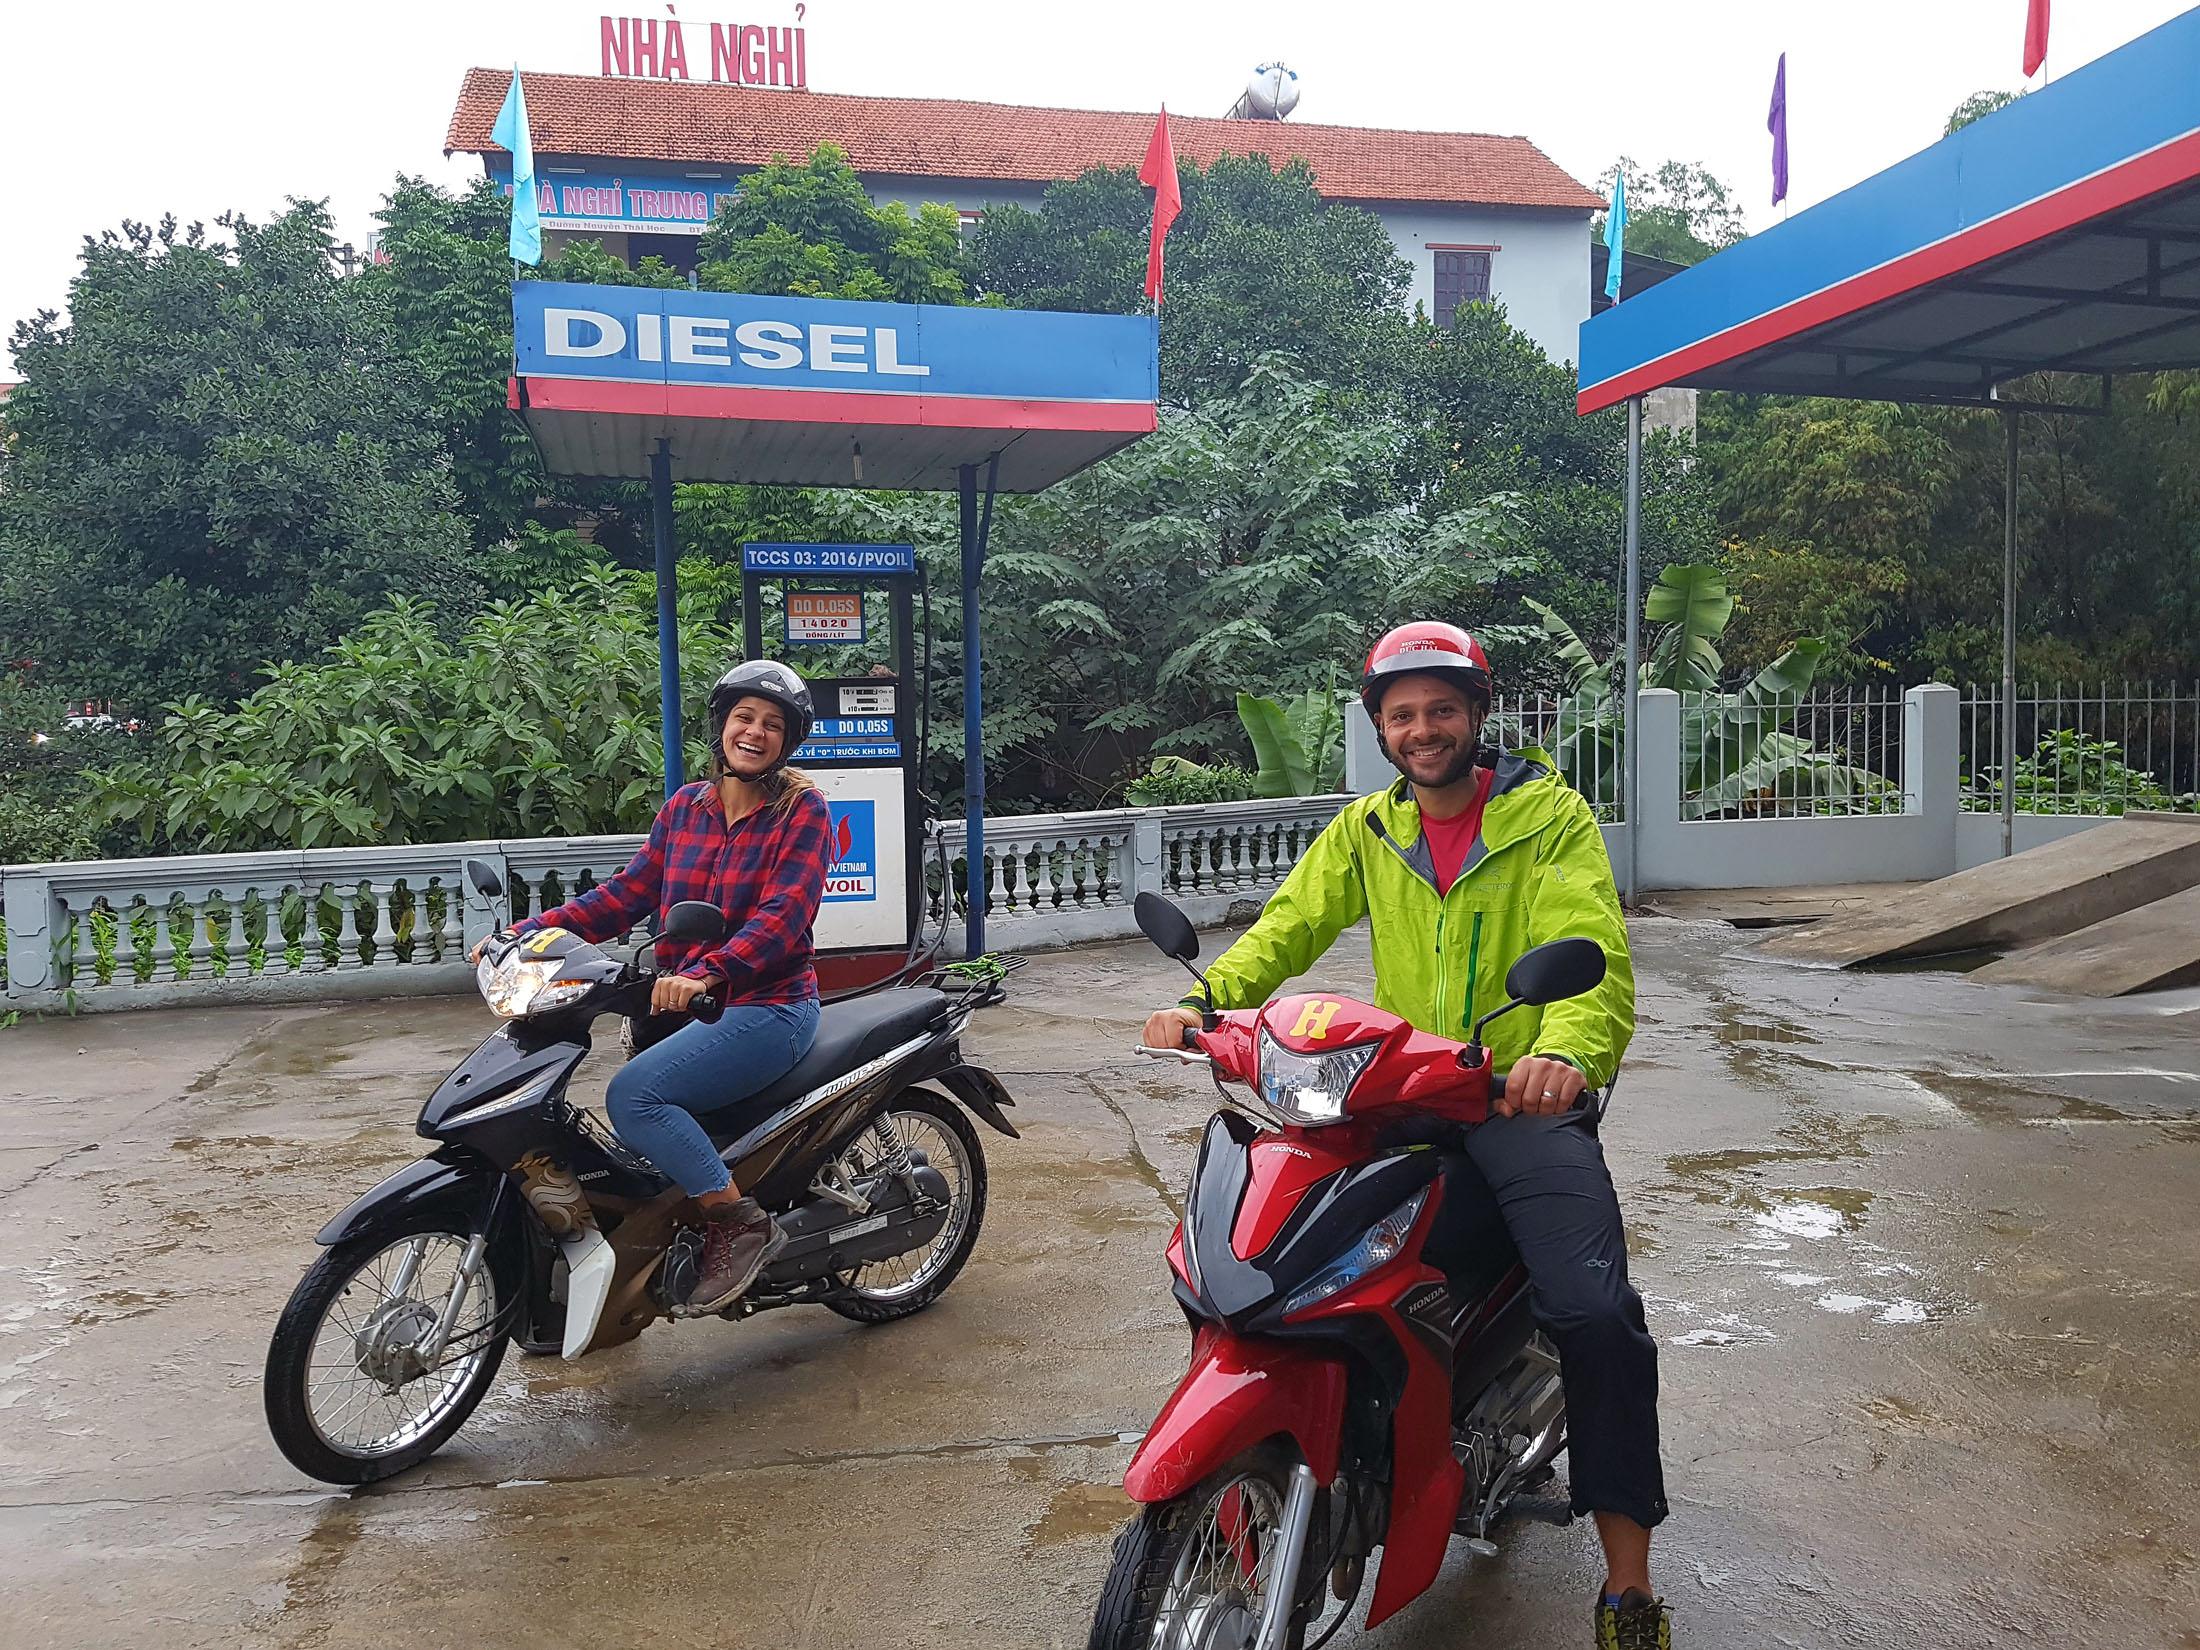 Fazendo um test-drive das motocas,abastecendo perto do hostel. Logo que saimos do posto de gasolina vimos o primeiro acidente da temporada;um carro passou por cima de uma moto...